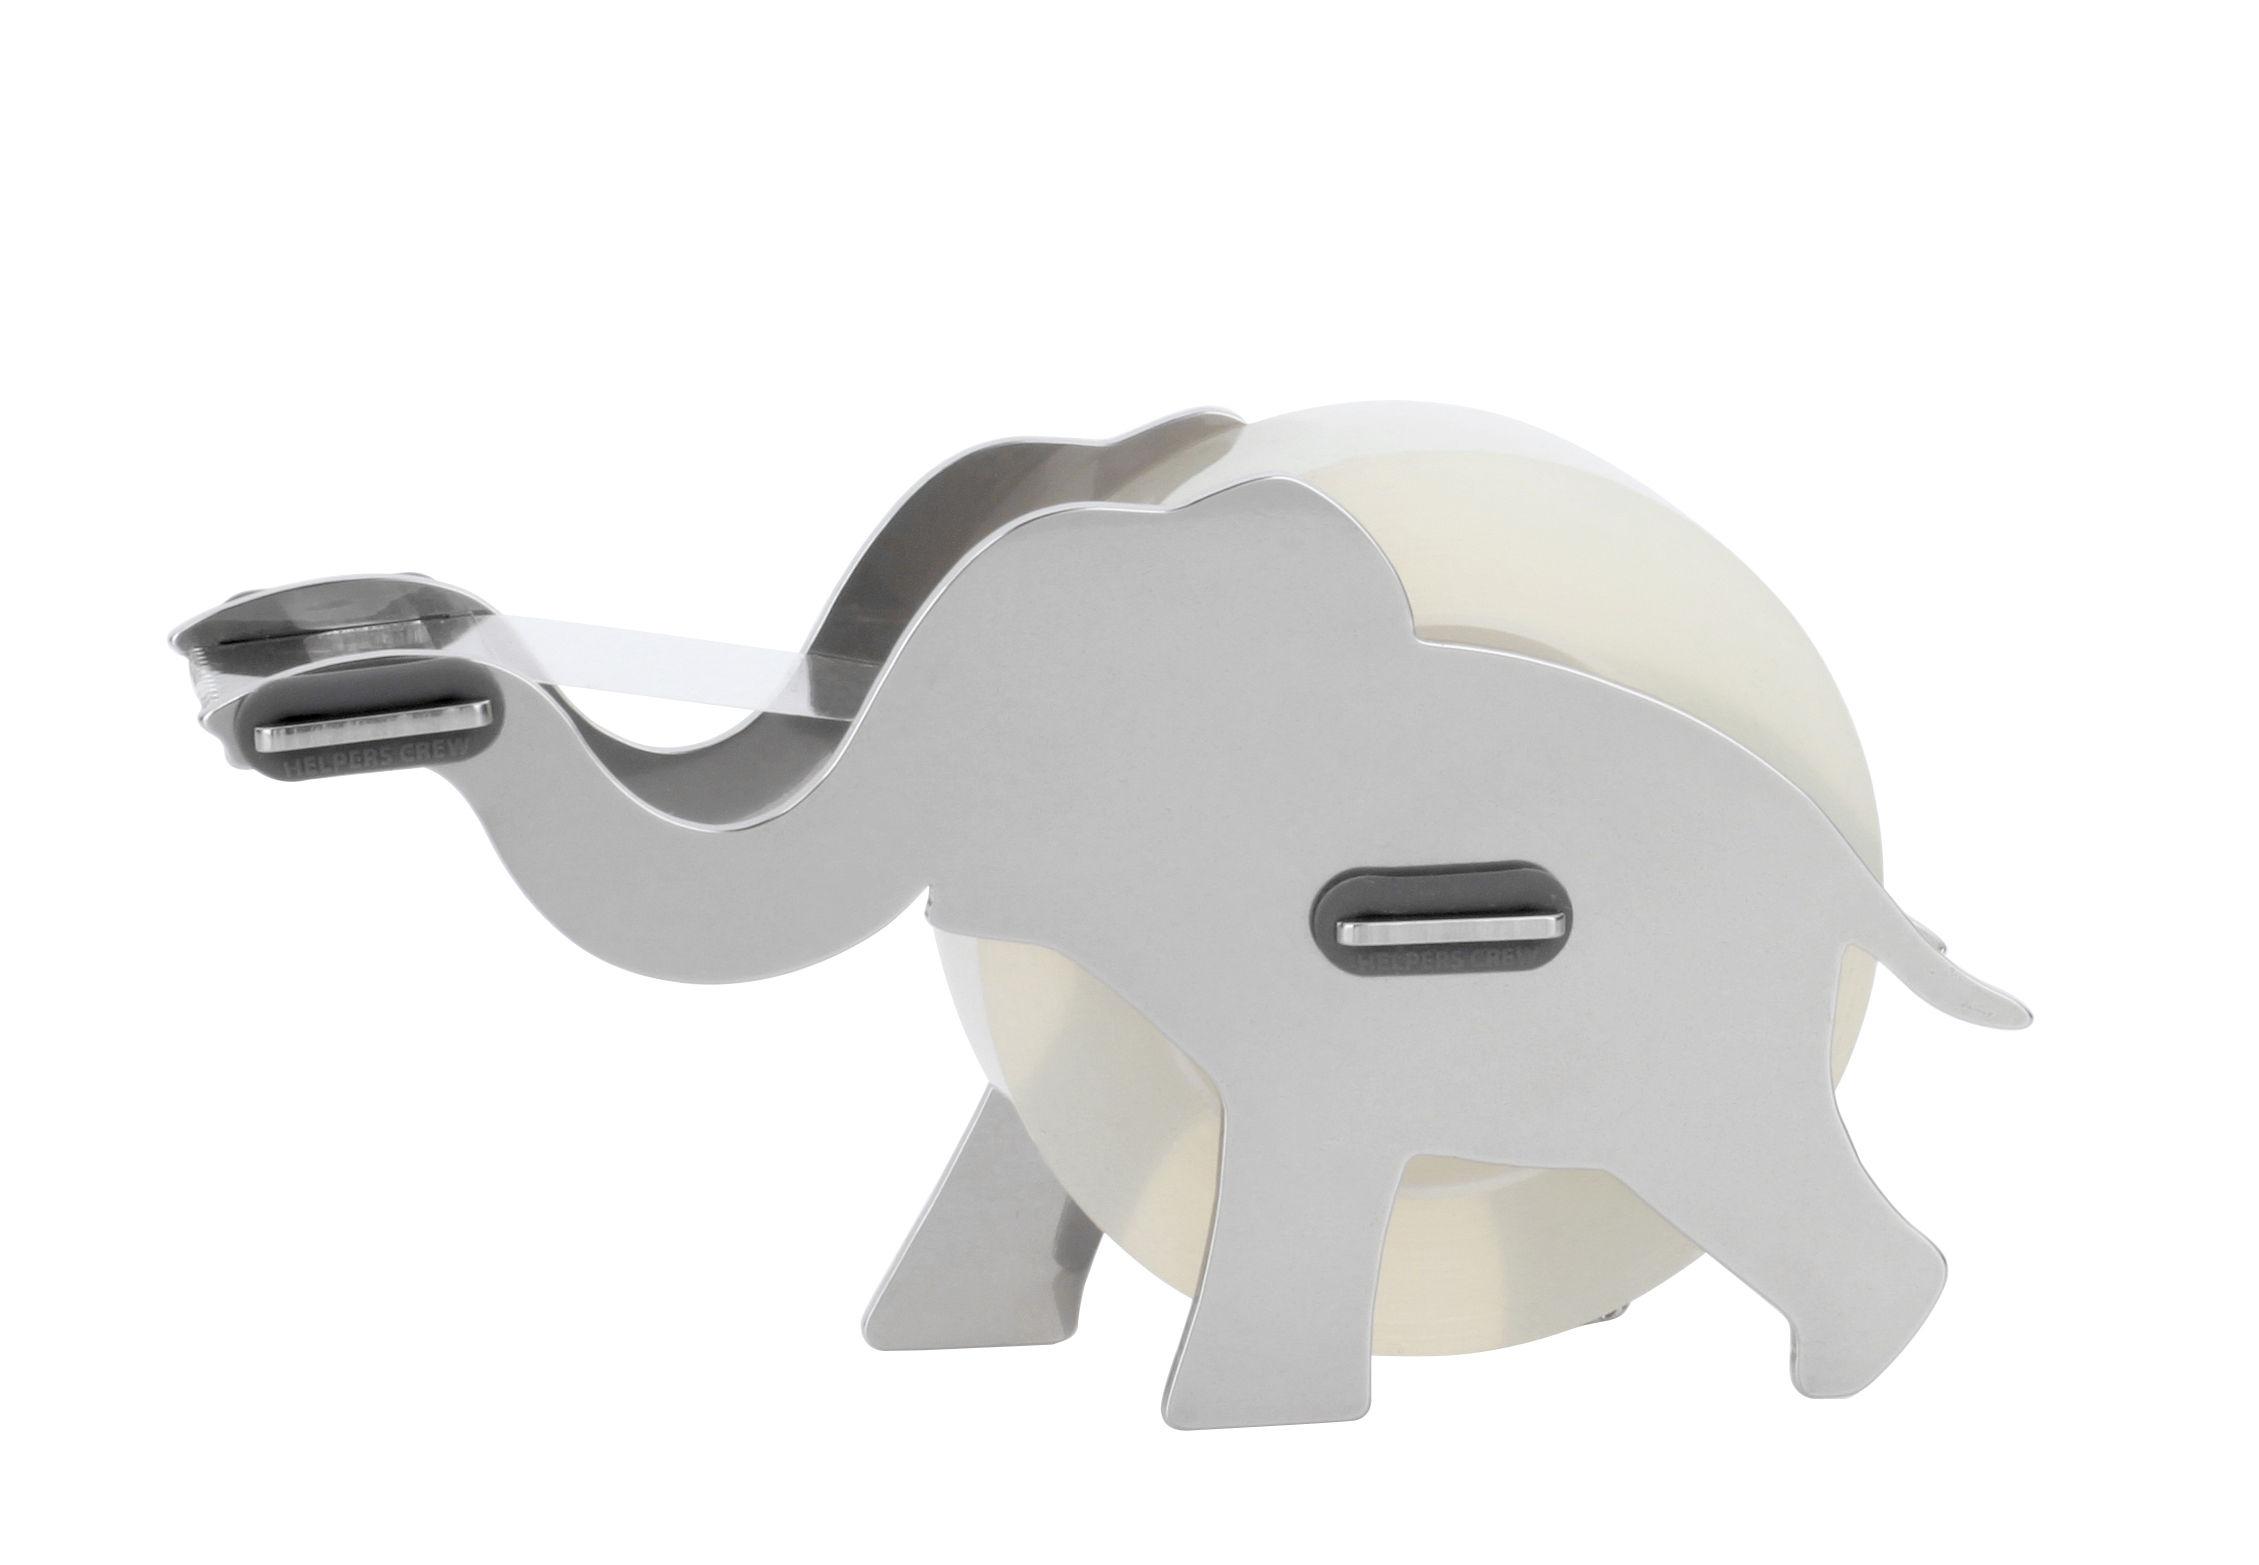 Accessoires - Accessoires bureau - Dévidoir de ruban adhésif Elly / Eléphant - Acier - Pa Design - Chromé - Inox, Silicone